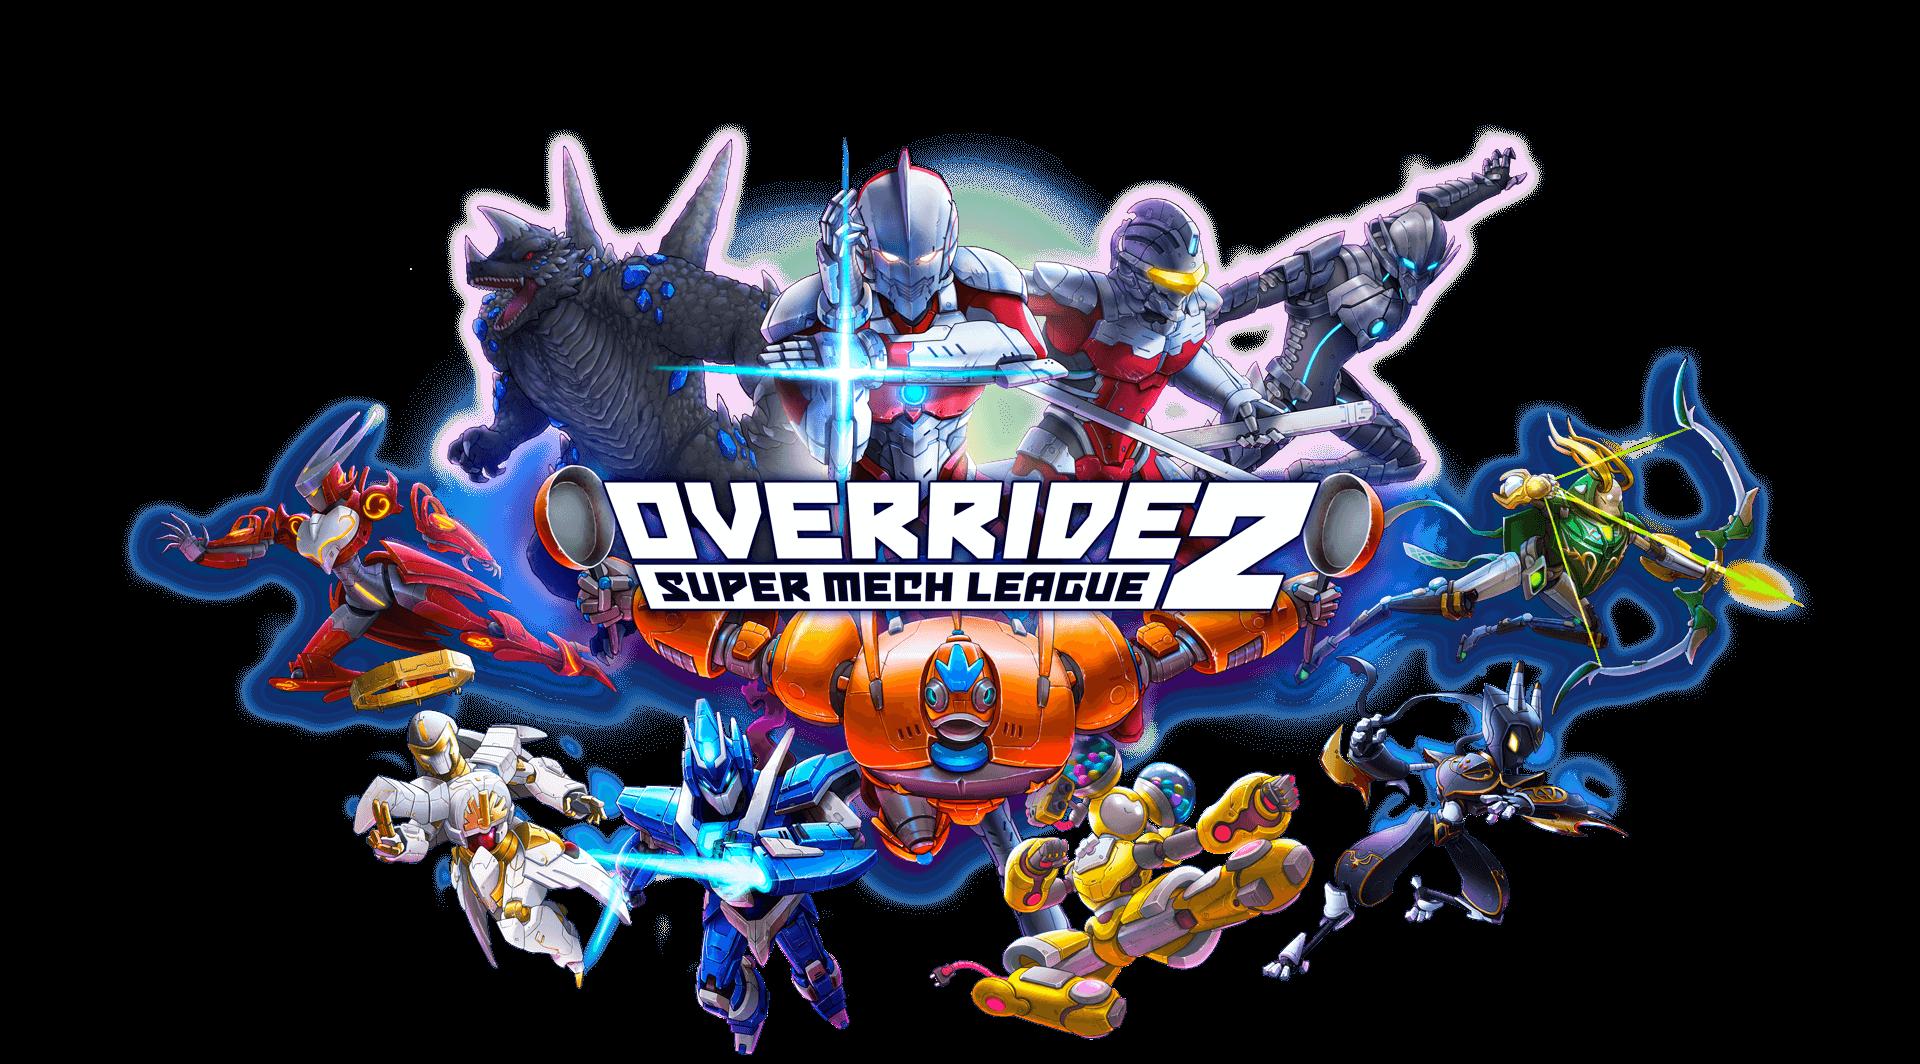 「オーバーライド2 日本版」の発売日はいつ?巨大ロボの対戦ゲーがPS4とPS5に登場